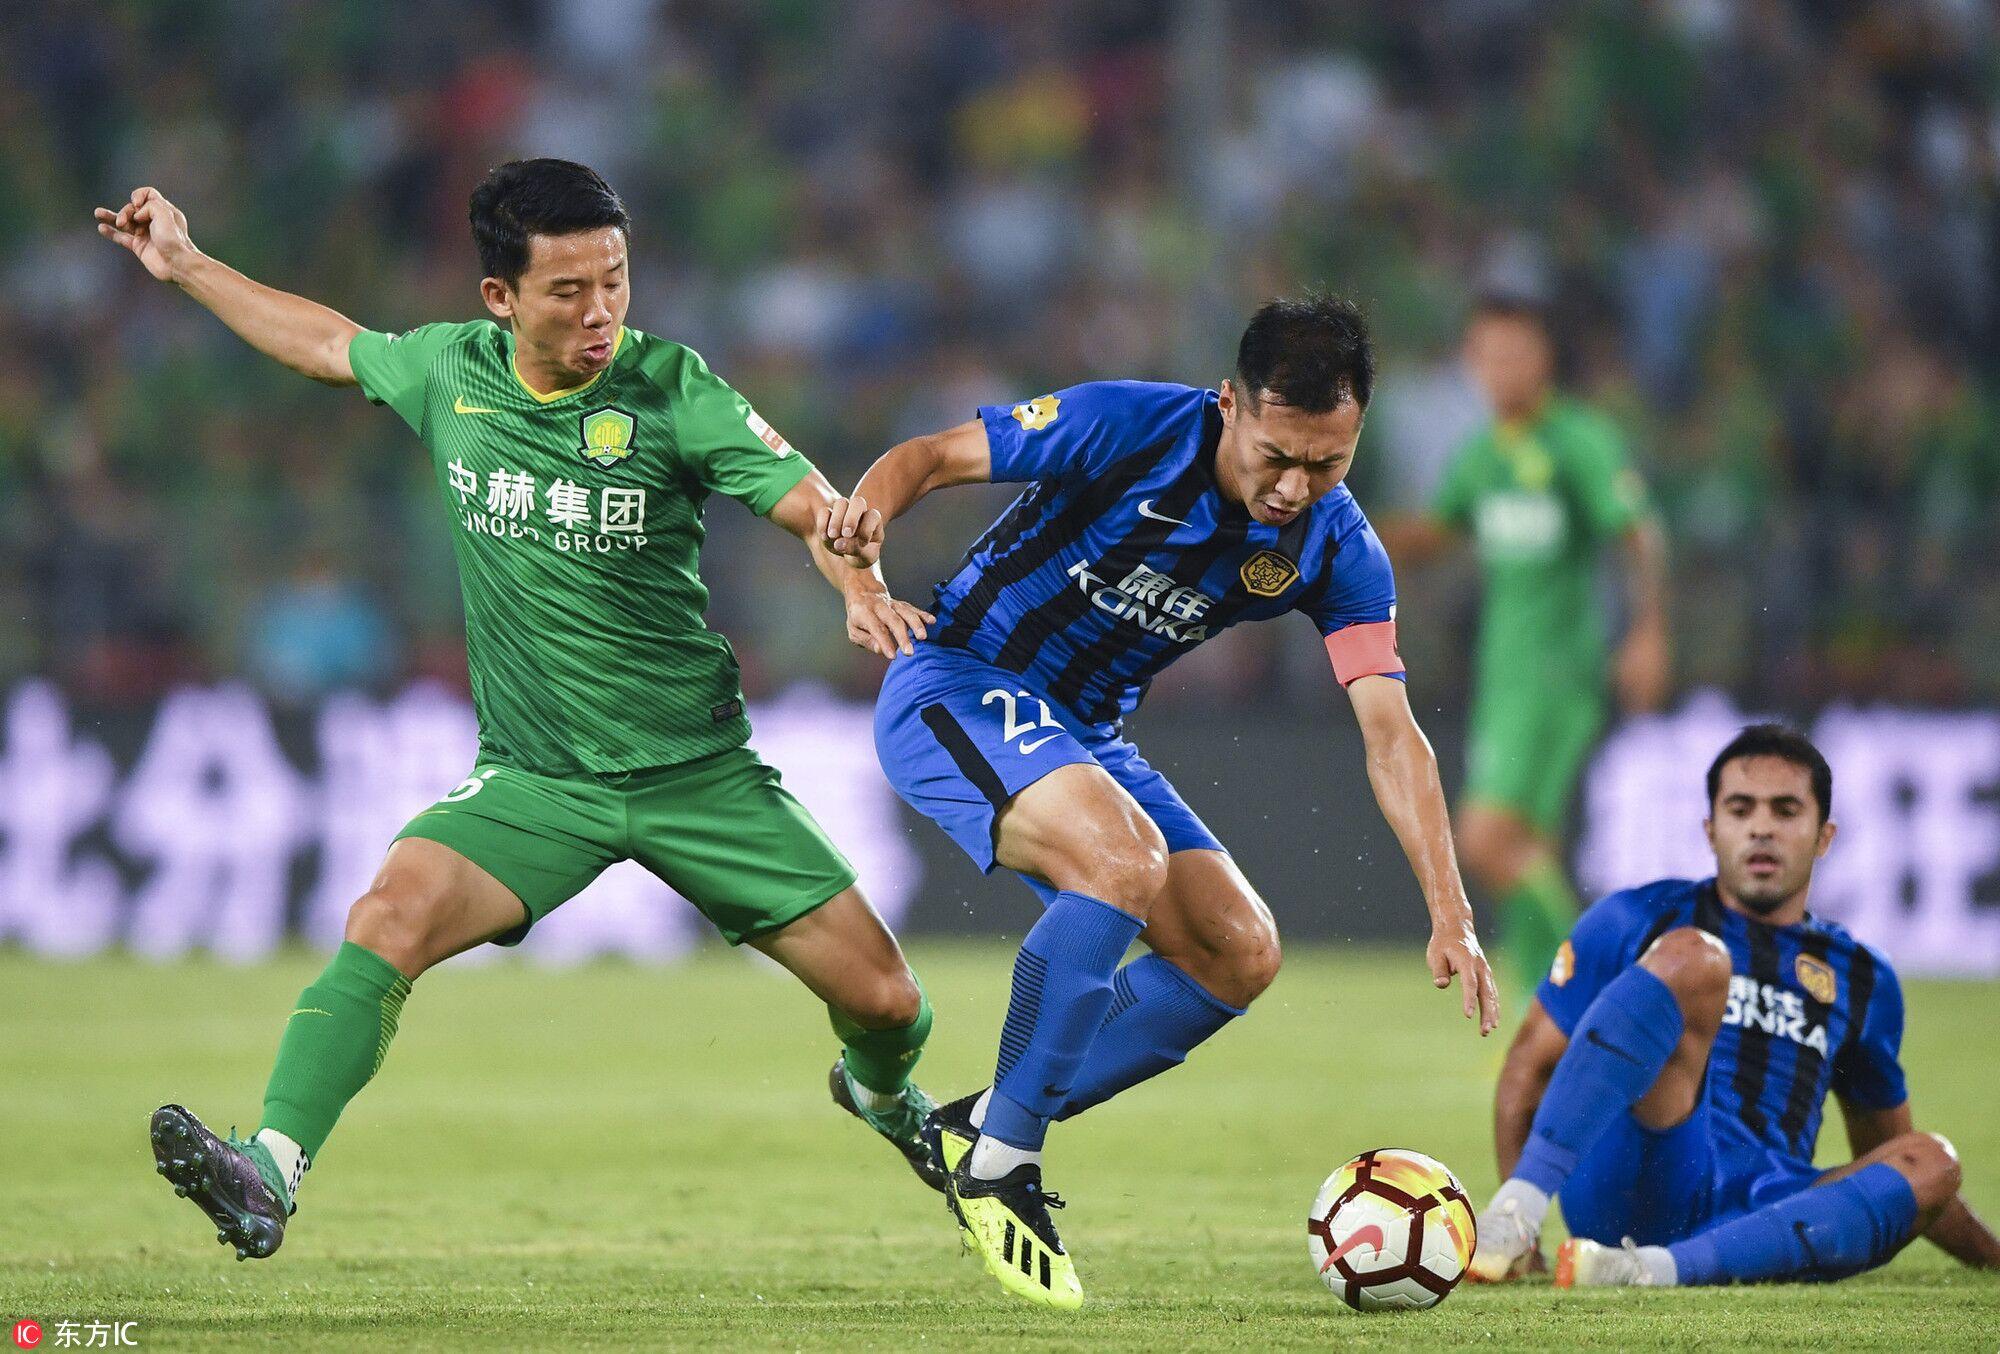 半场:张稀哲破门奥古斯托助攻,国安1-0苏宁